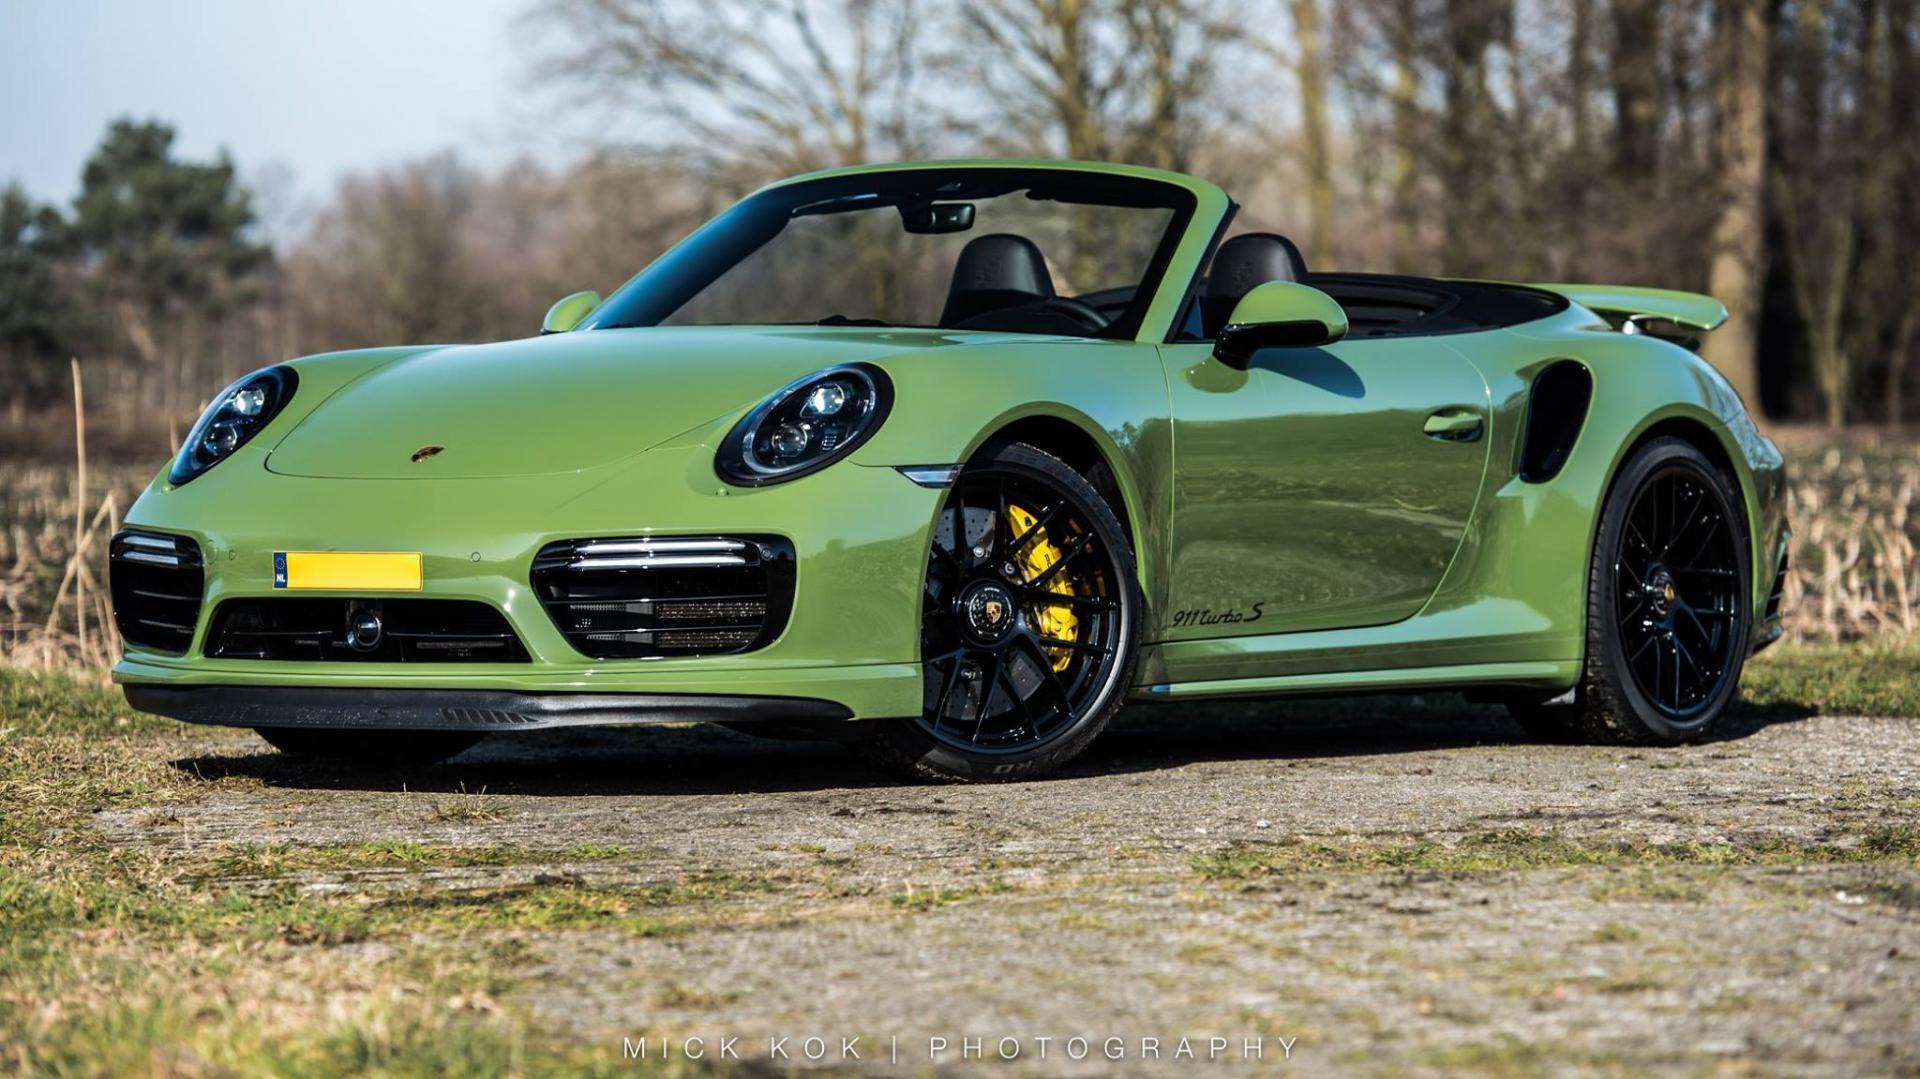 dikste Porsche 911 Turbo S van Nederland